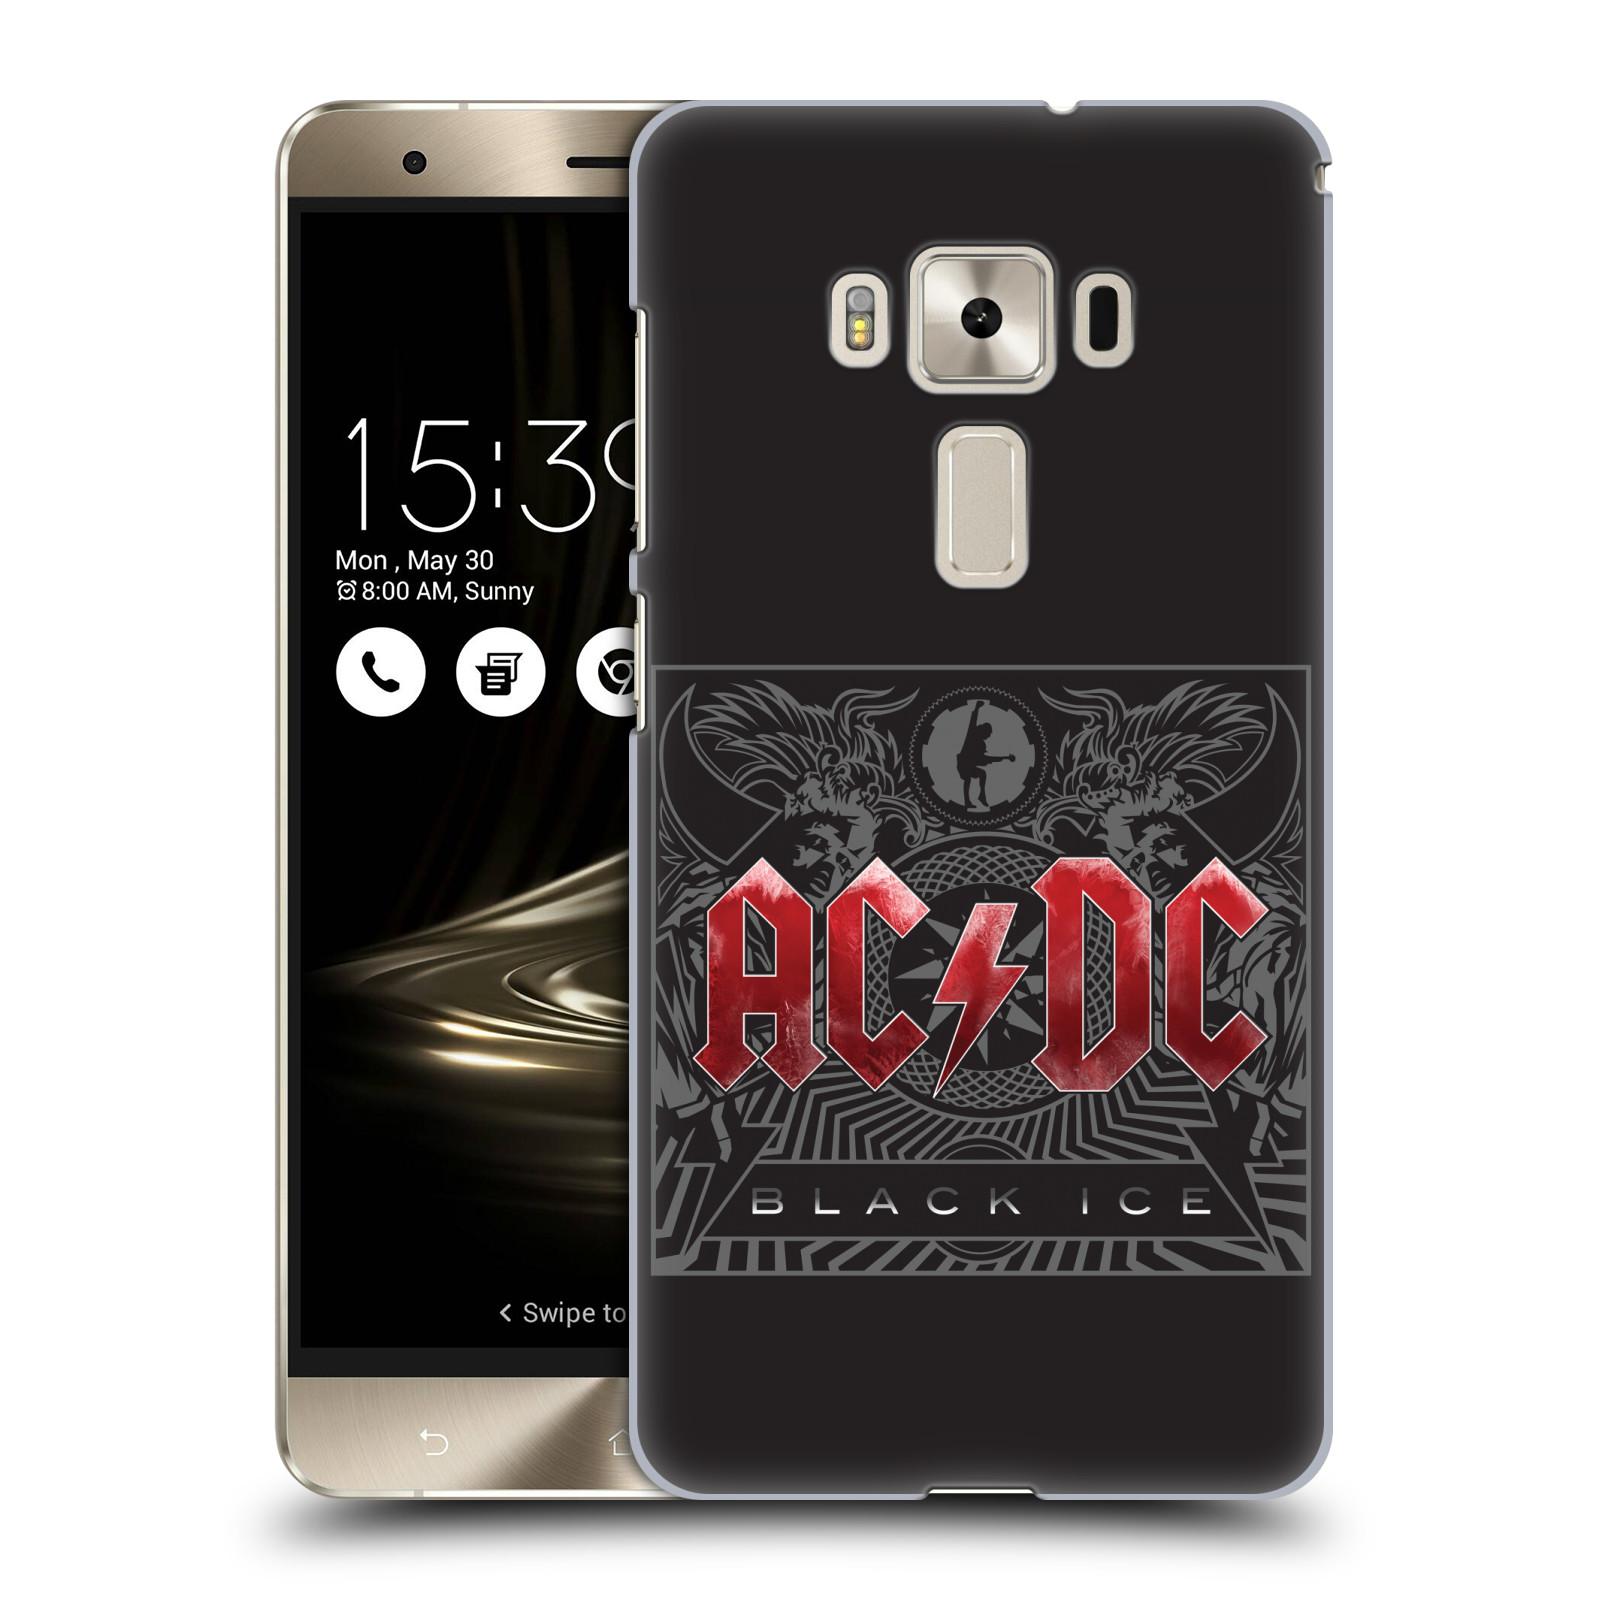 Plastové pouzdro na mobil Asus ZenFone 3 Deluxe ZS570KL HEAD CASE AC/DC Black Ice (Plastový kryt či obal na mobilní telefon s oficiálním motivem australské skupiny AC/DC pro Asus ZenFone 3 Deluxe ZS570KL)